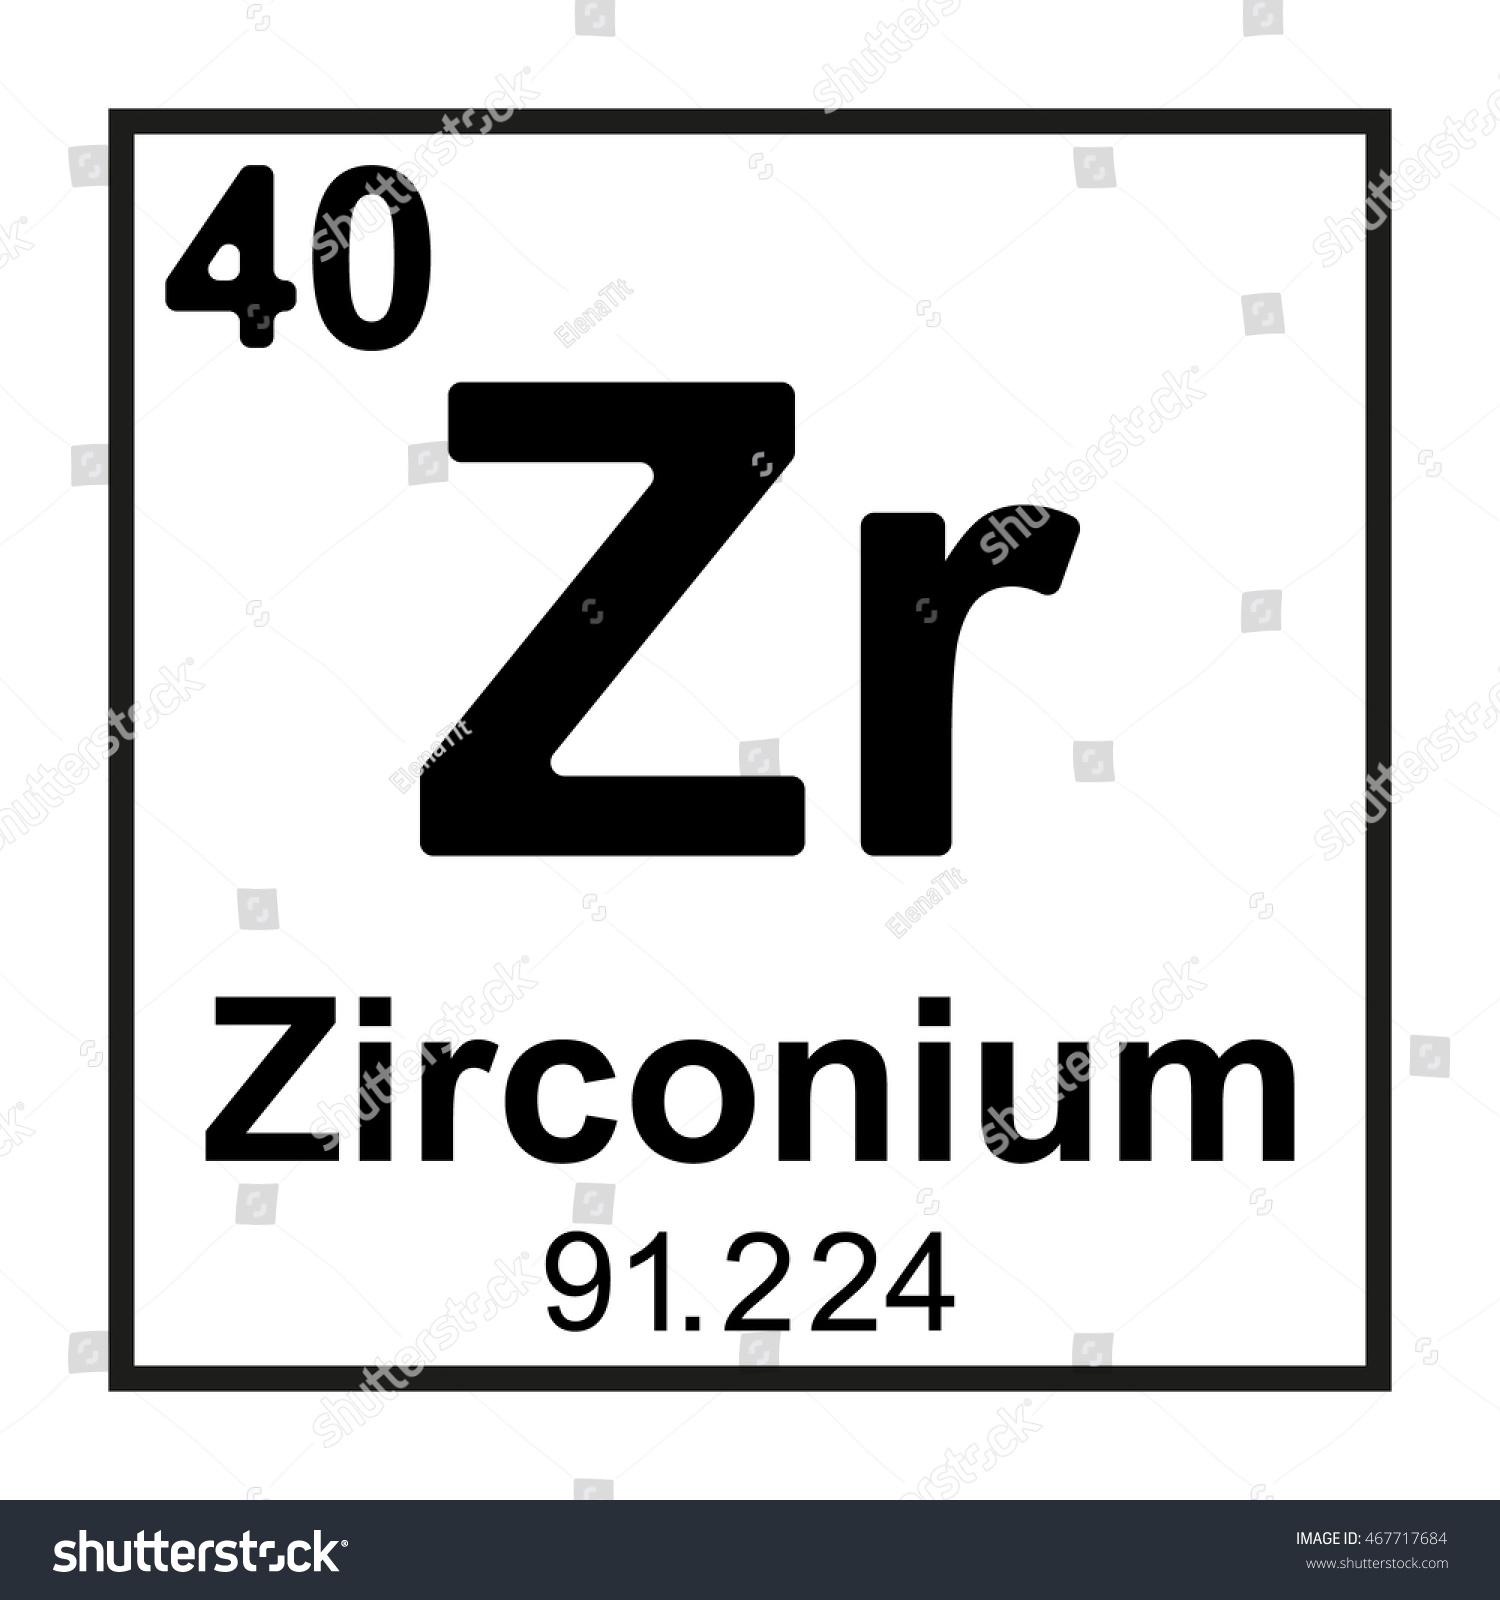 Periodic table element zirconium stock vector royalty free periodic table element zirconium urtaz Gallery